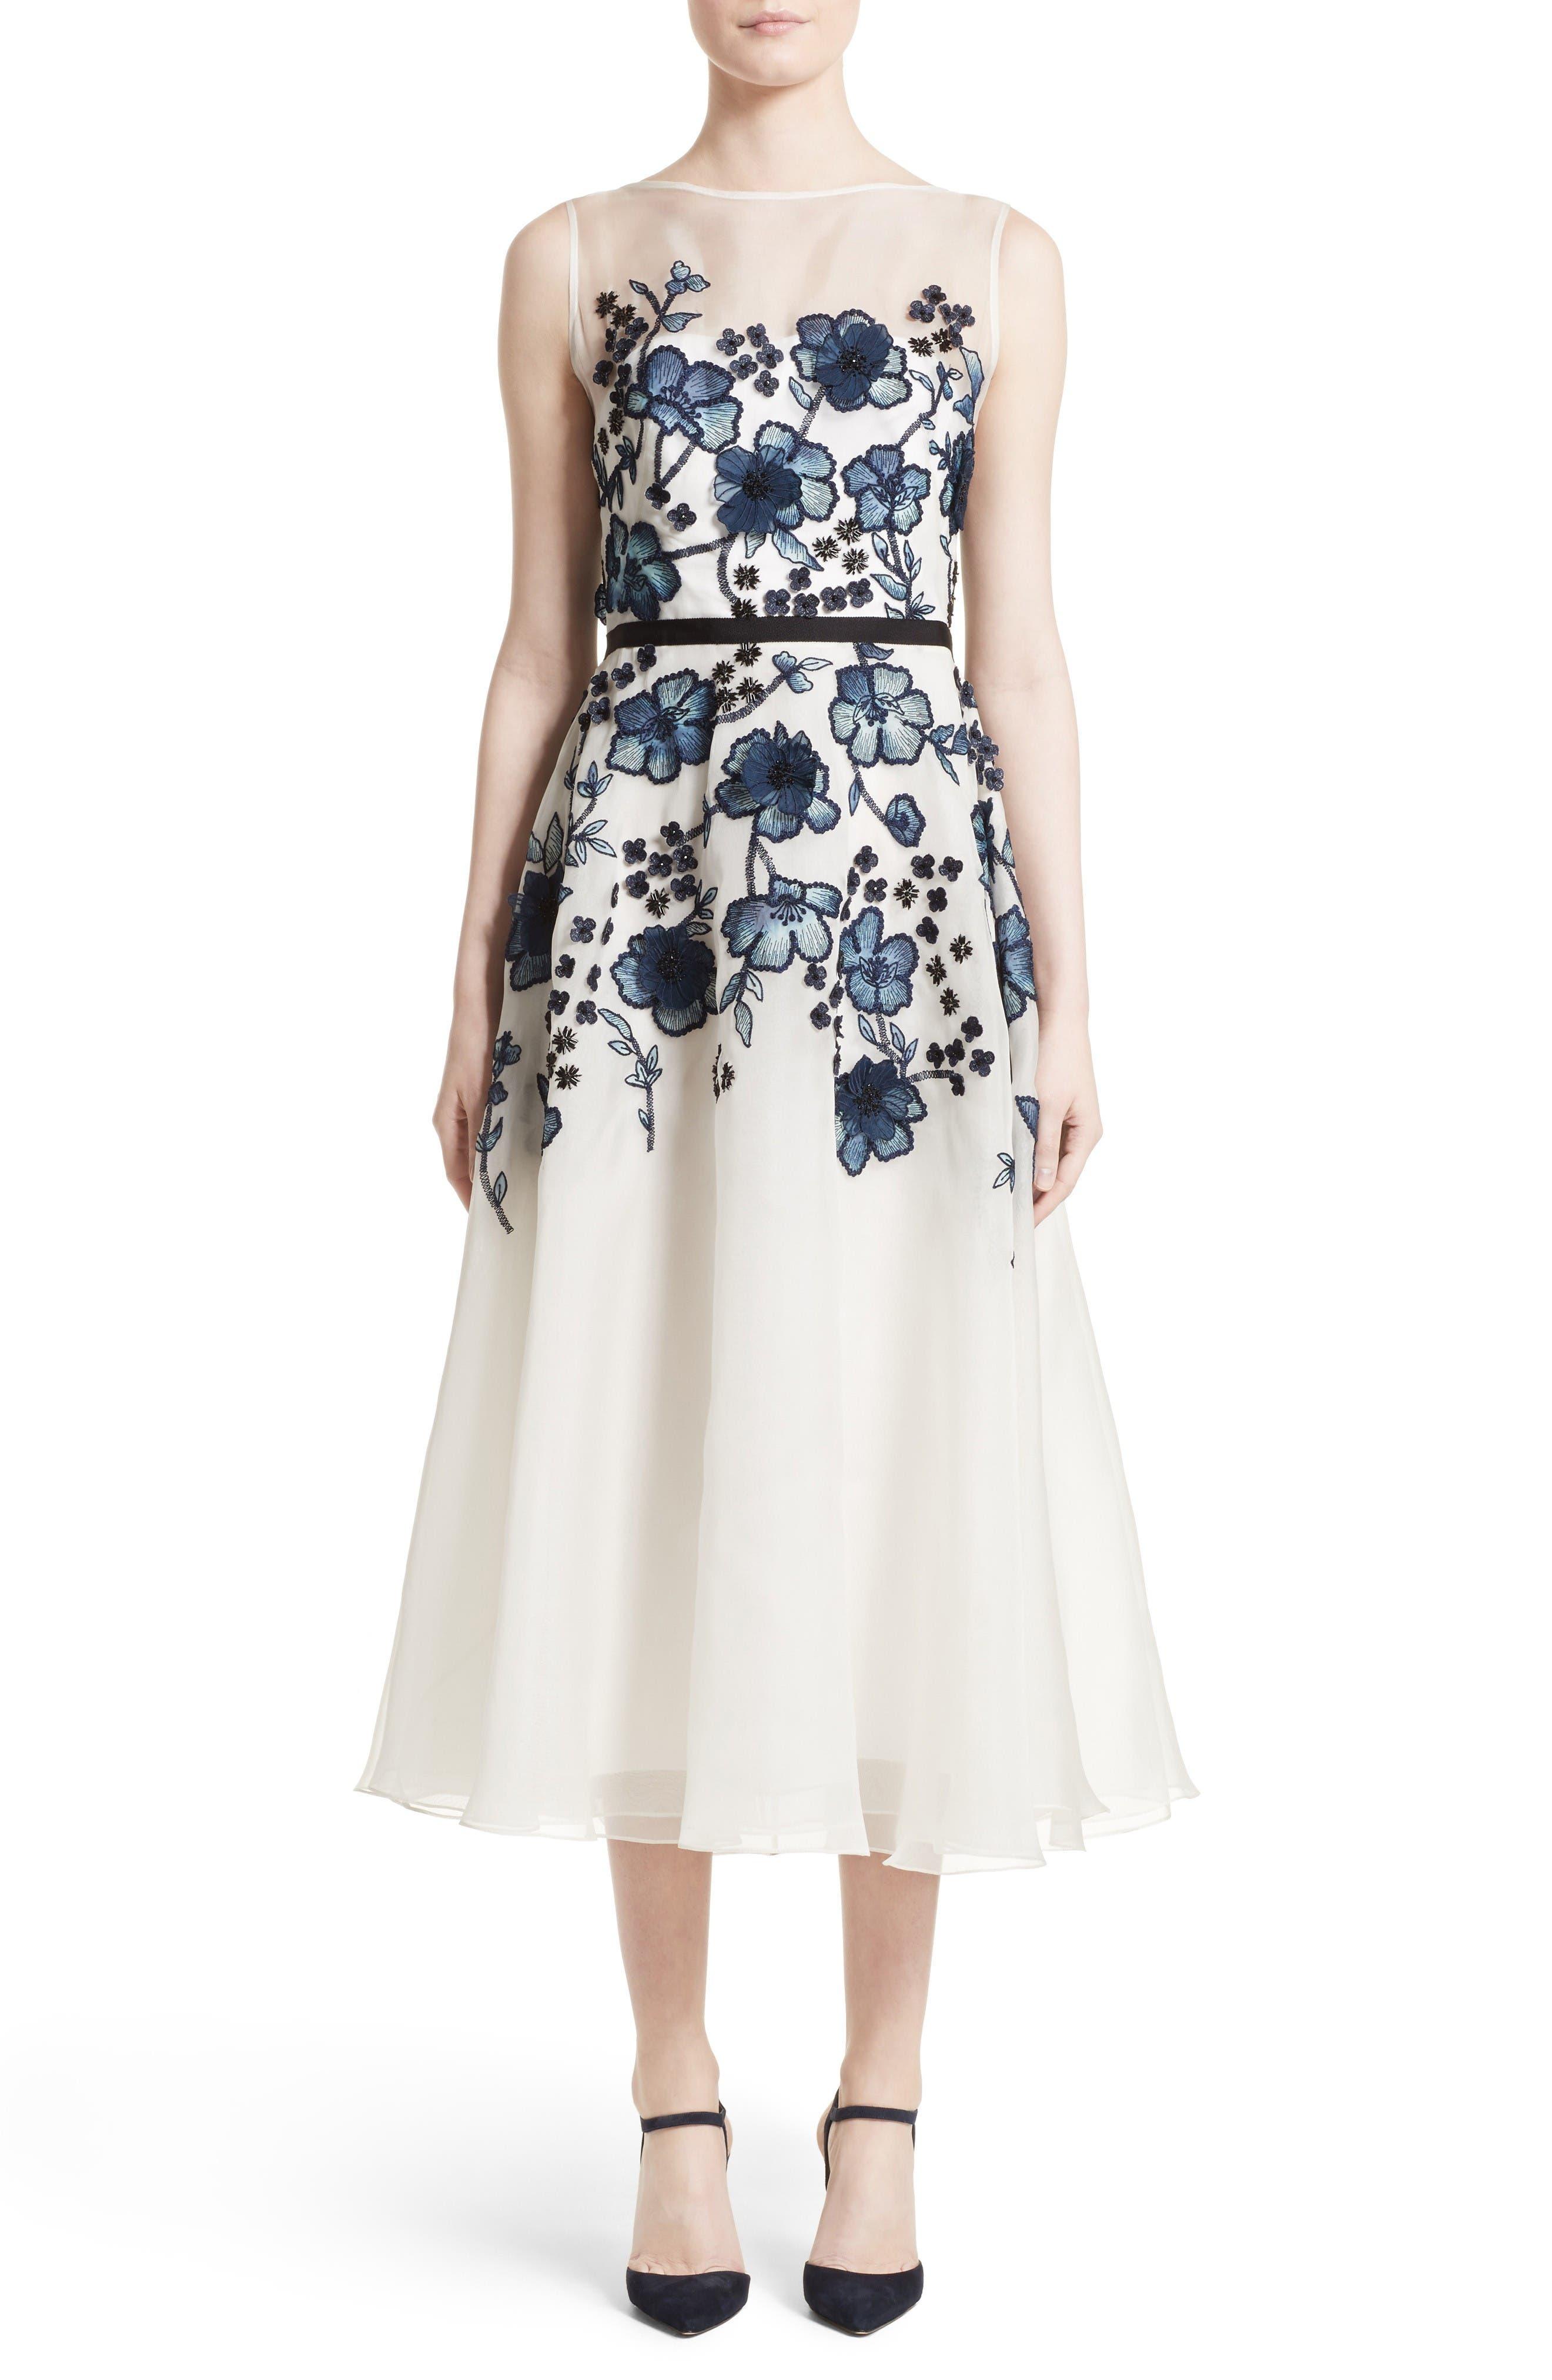 Main Image - Lela Rose Floral Embroidered Dress